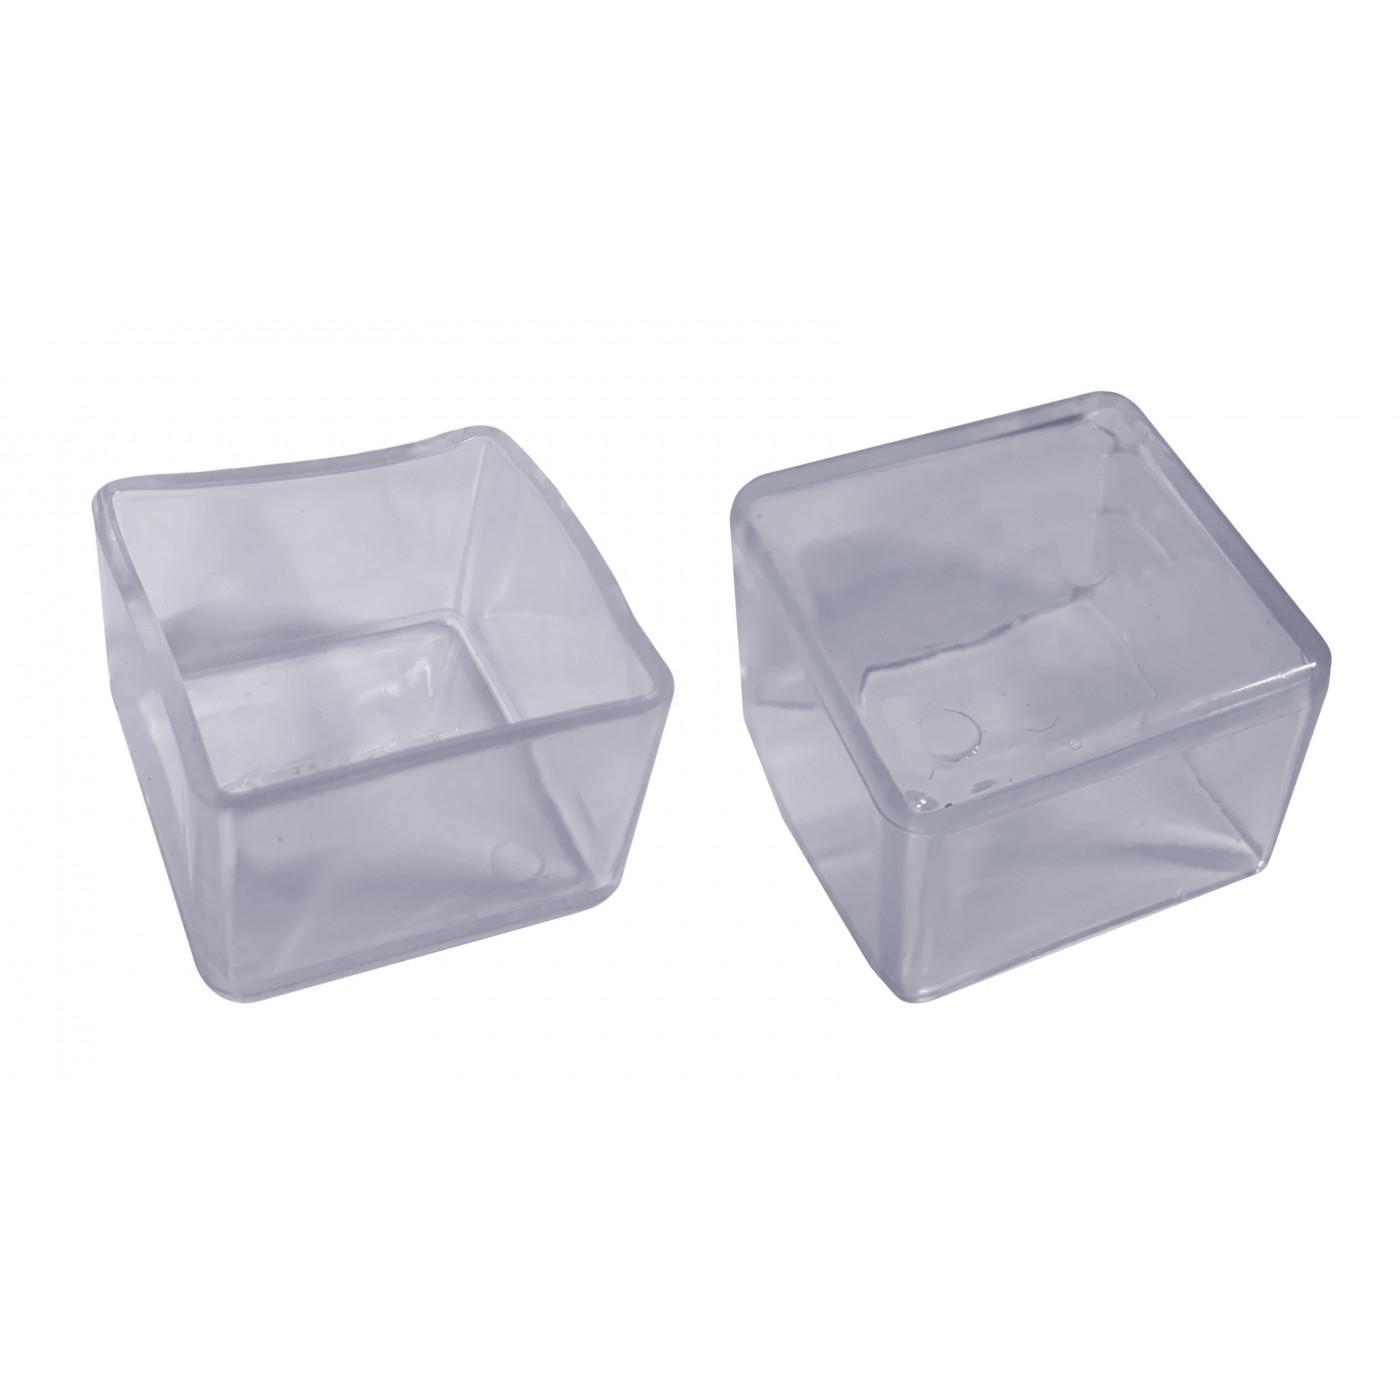 Zestaw 32 silikonowych nakładek na nogi krzesła (zewnętrzne, kwadratowe, 20 mm, przezroczyste) [O-SQ-20-T]  - 1